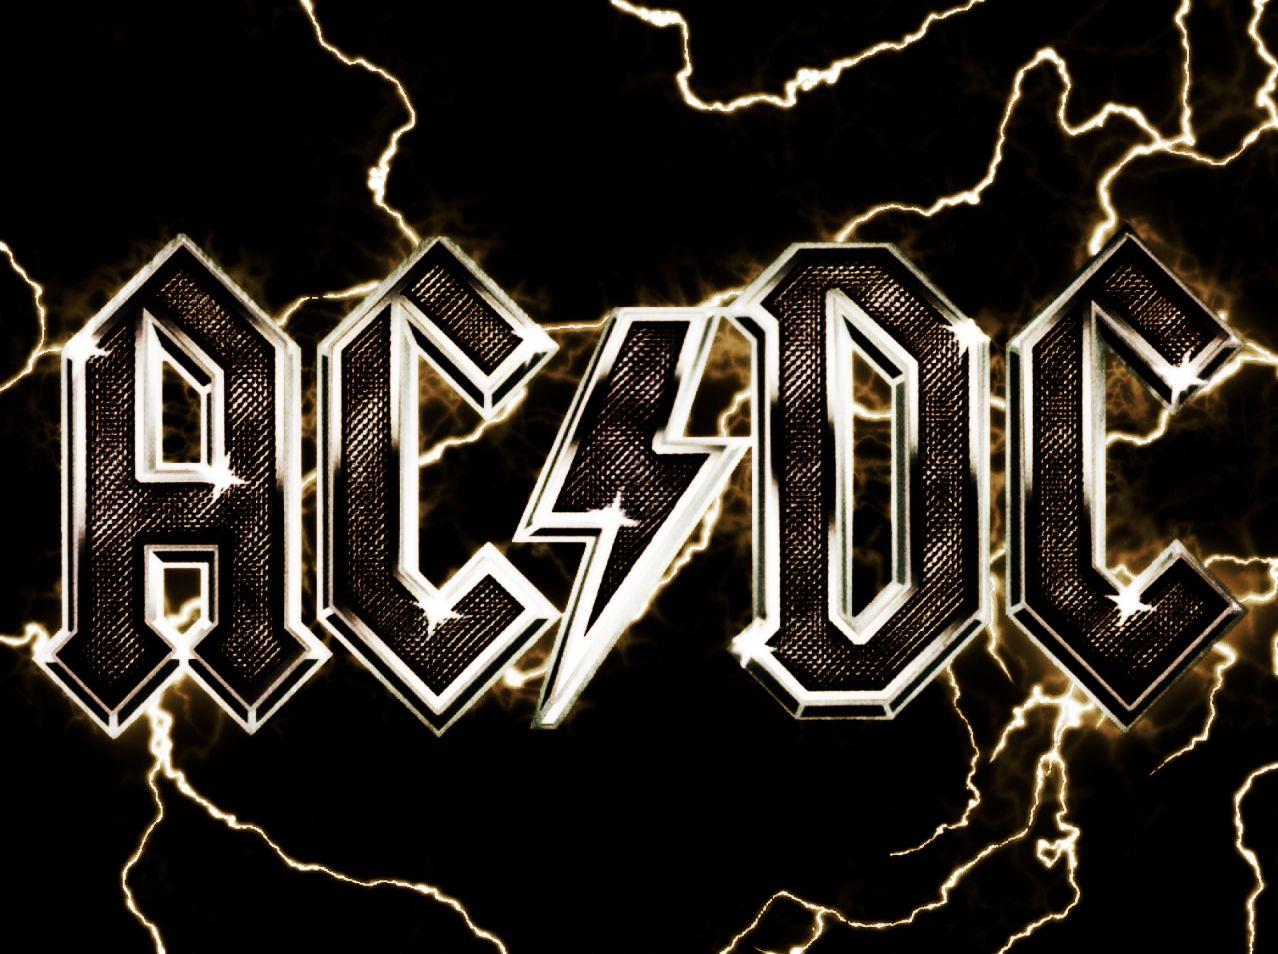 Acdc Logo Ac Dc Logo Wallpapers Wallpapersafari Acdc Logo Acdc Wallpaper